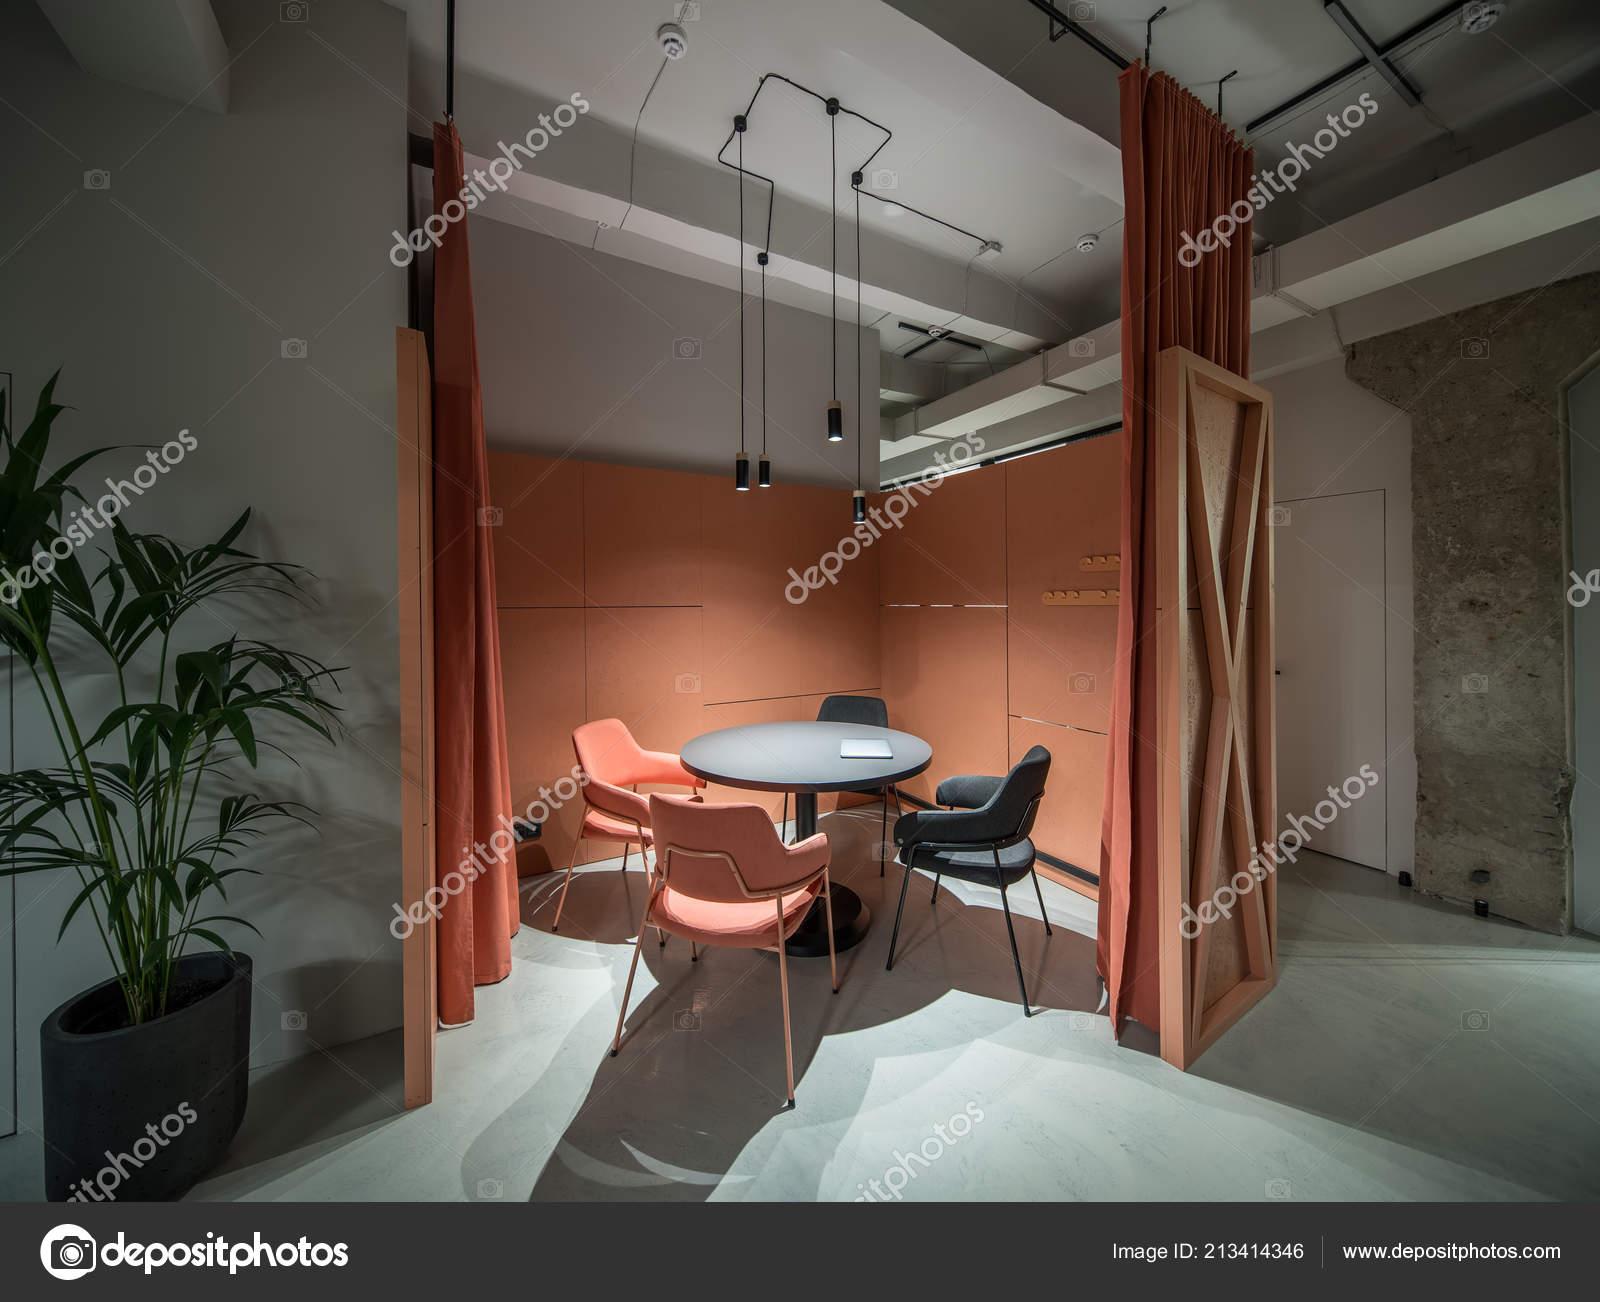 Bureau de style loft avec zone de rencontre orange u2014 photographie